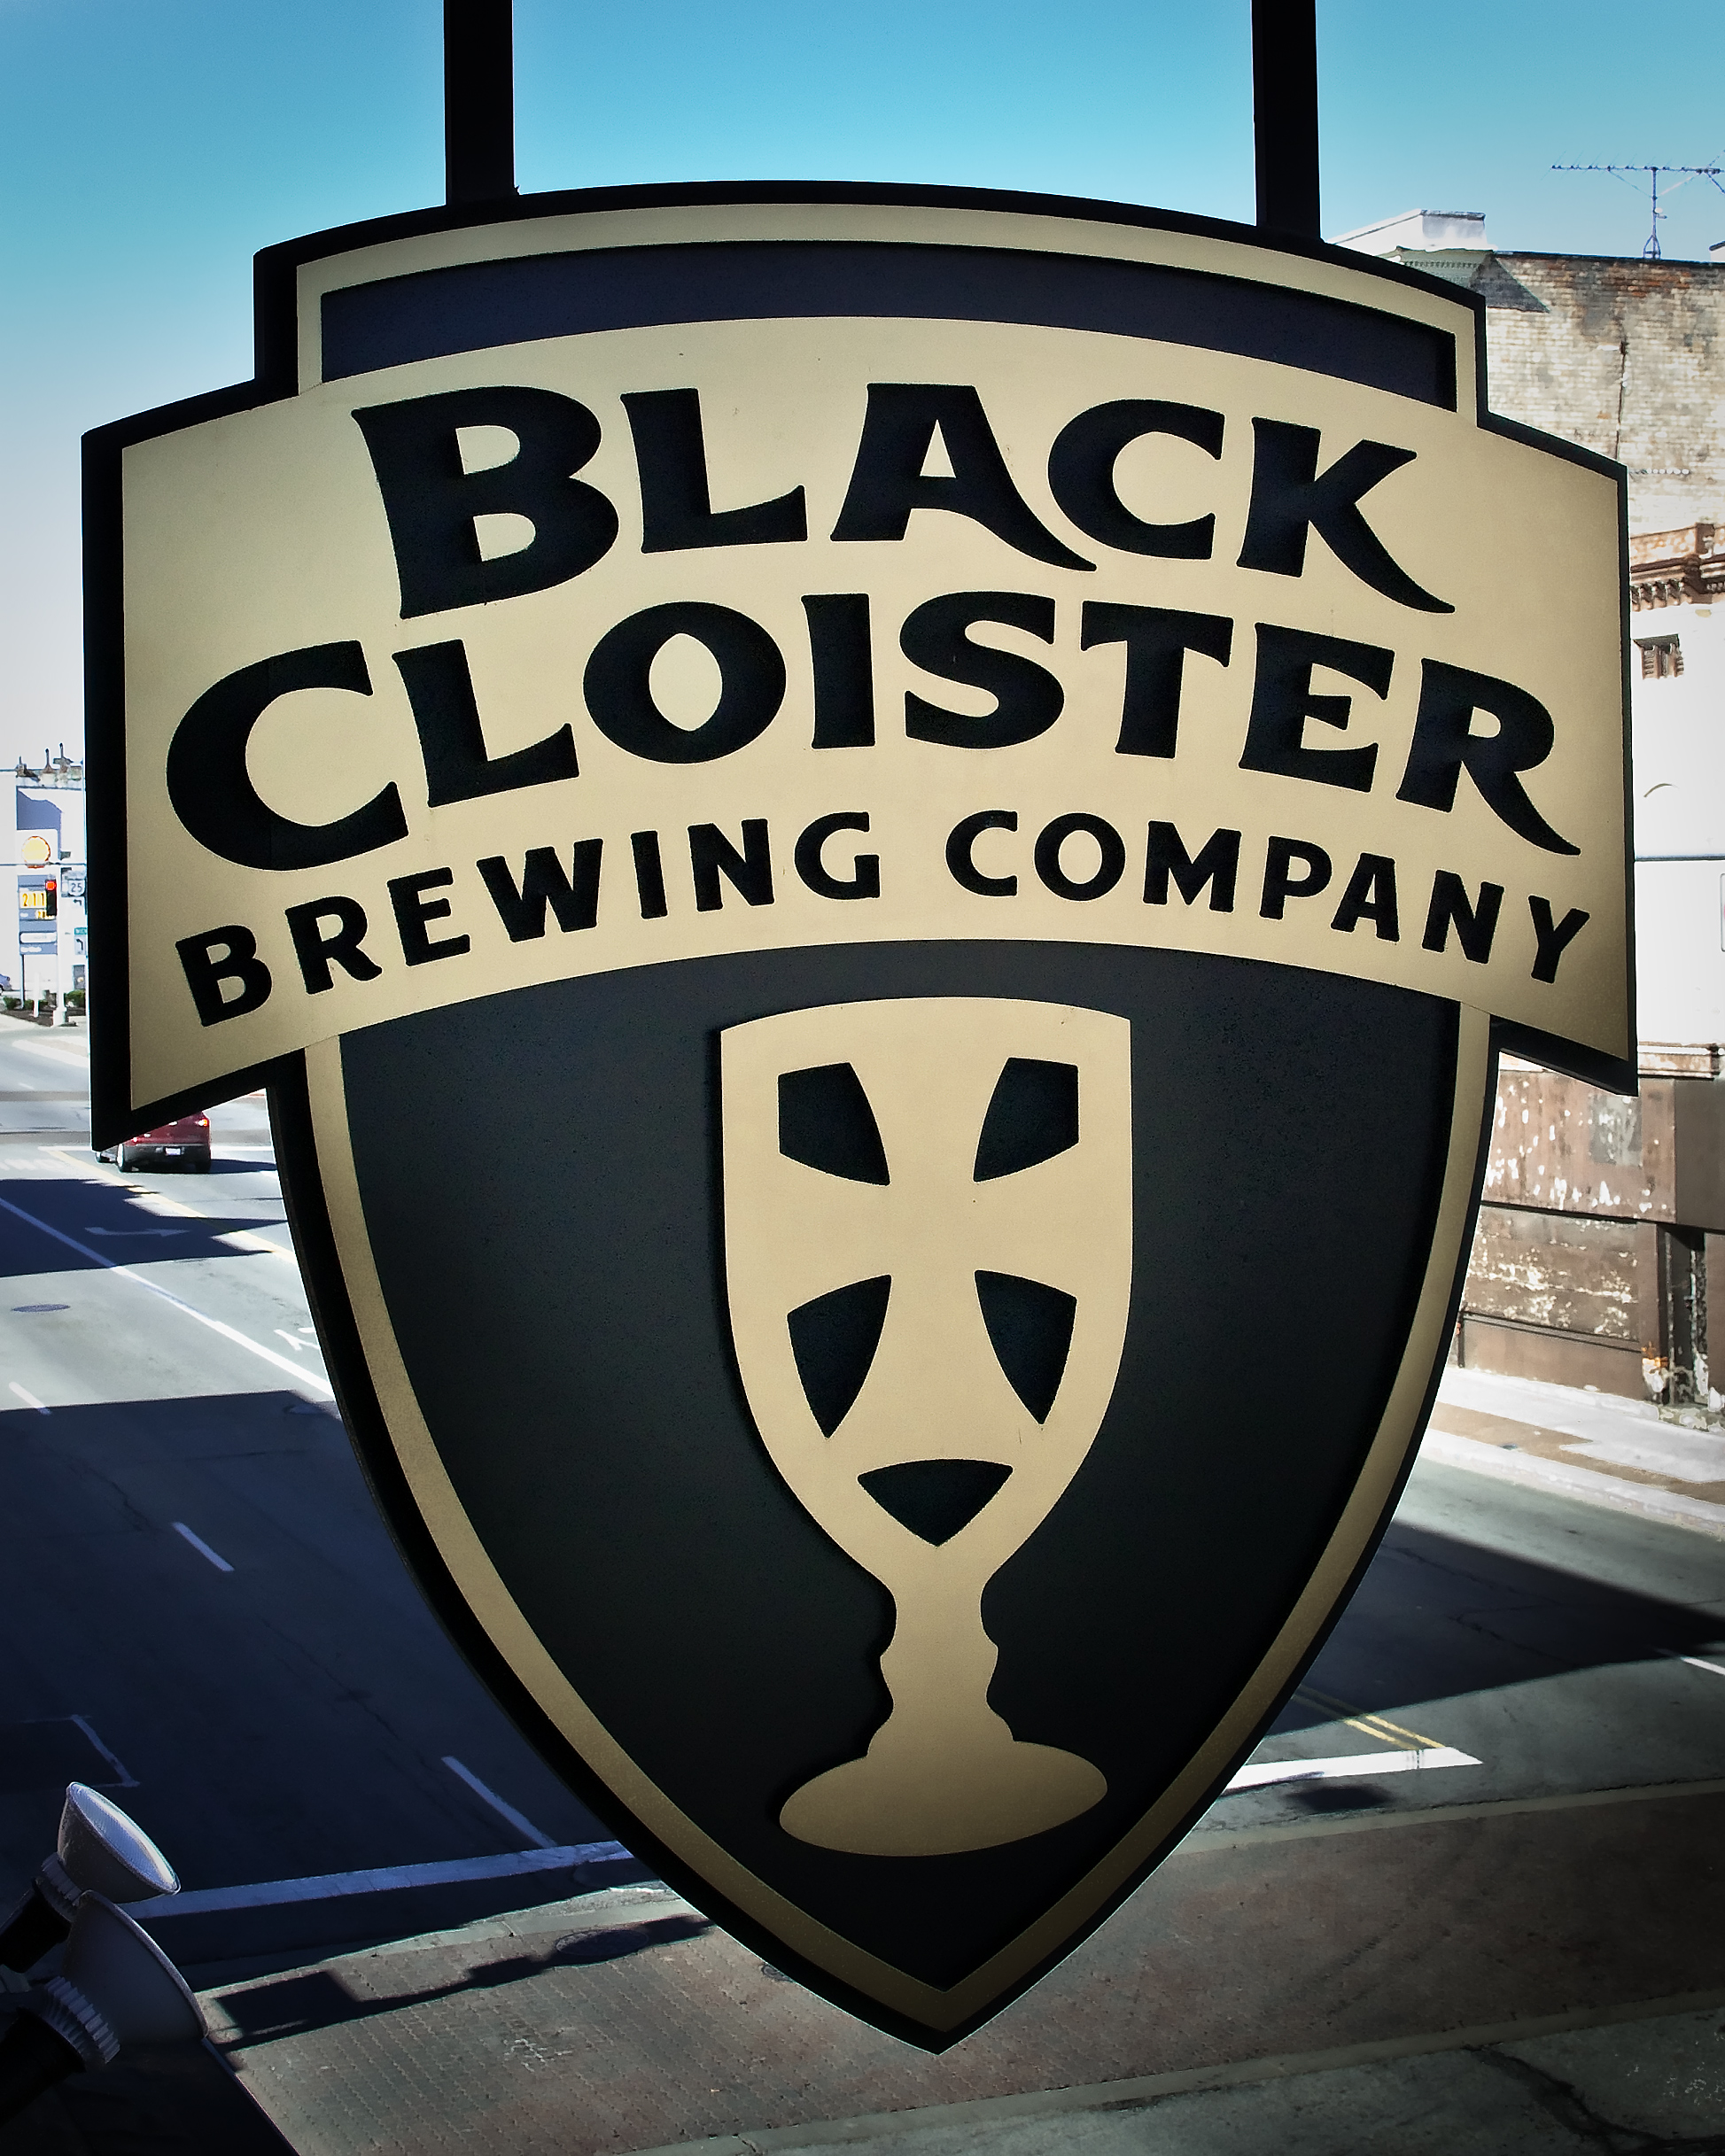 Black Cloister